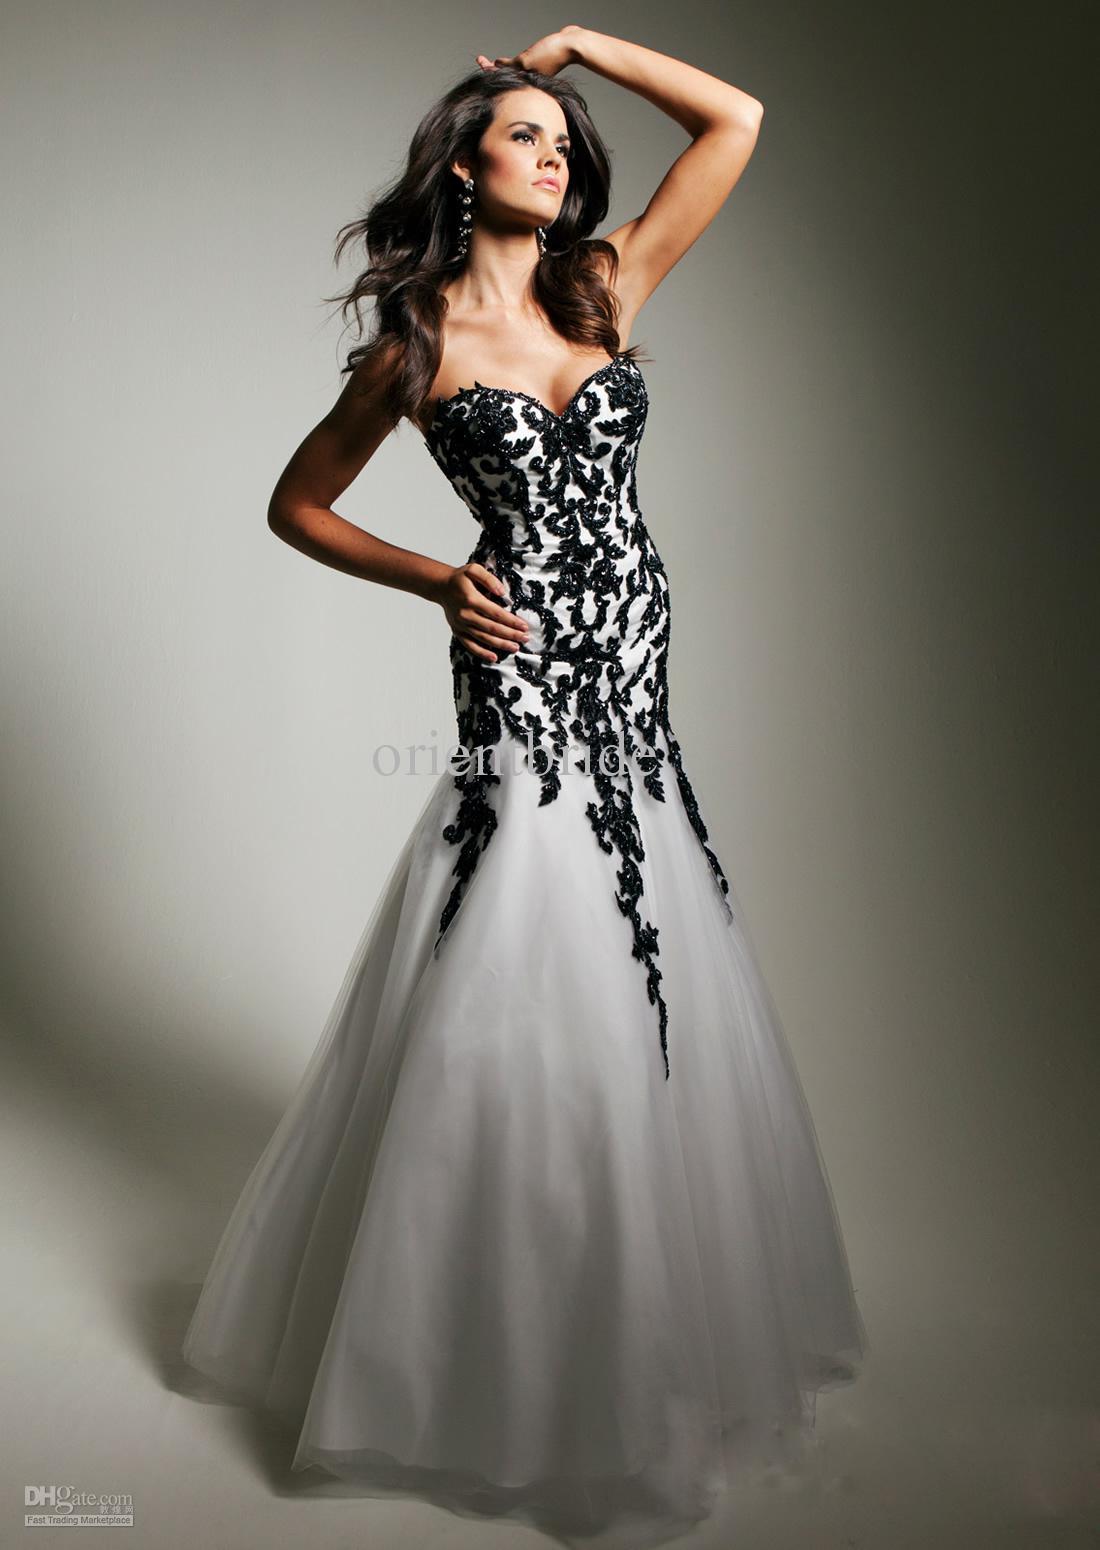 designer dresses for prom - photo #41